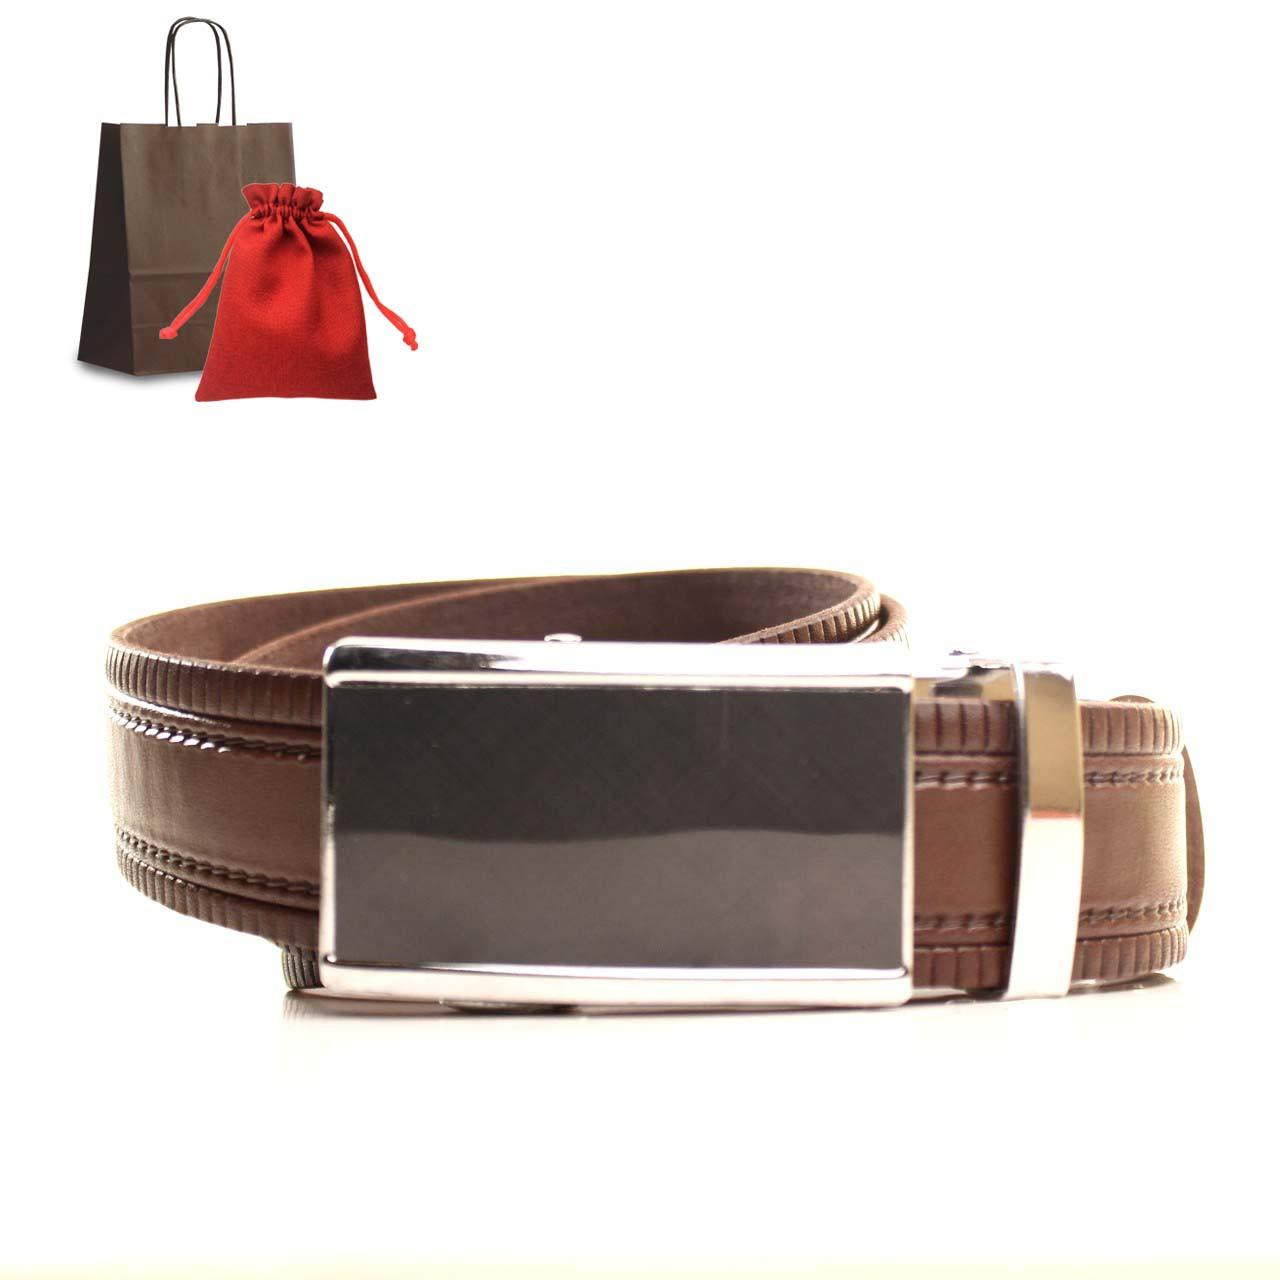 Ремень кожаный Lazar 120-125 см коричневый L35U1A79-M